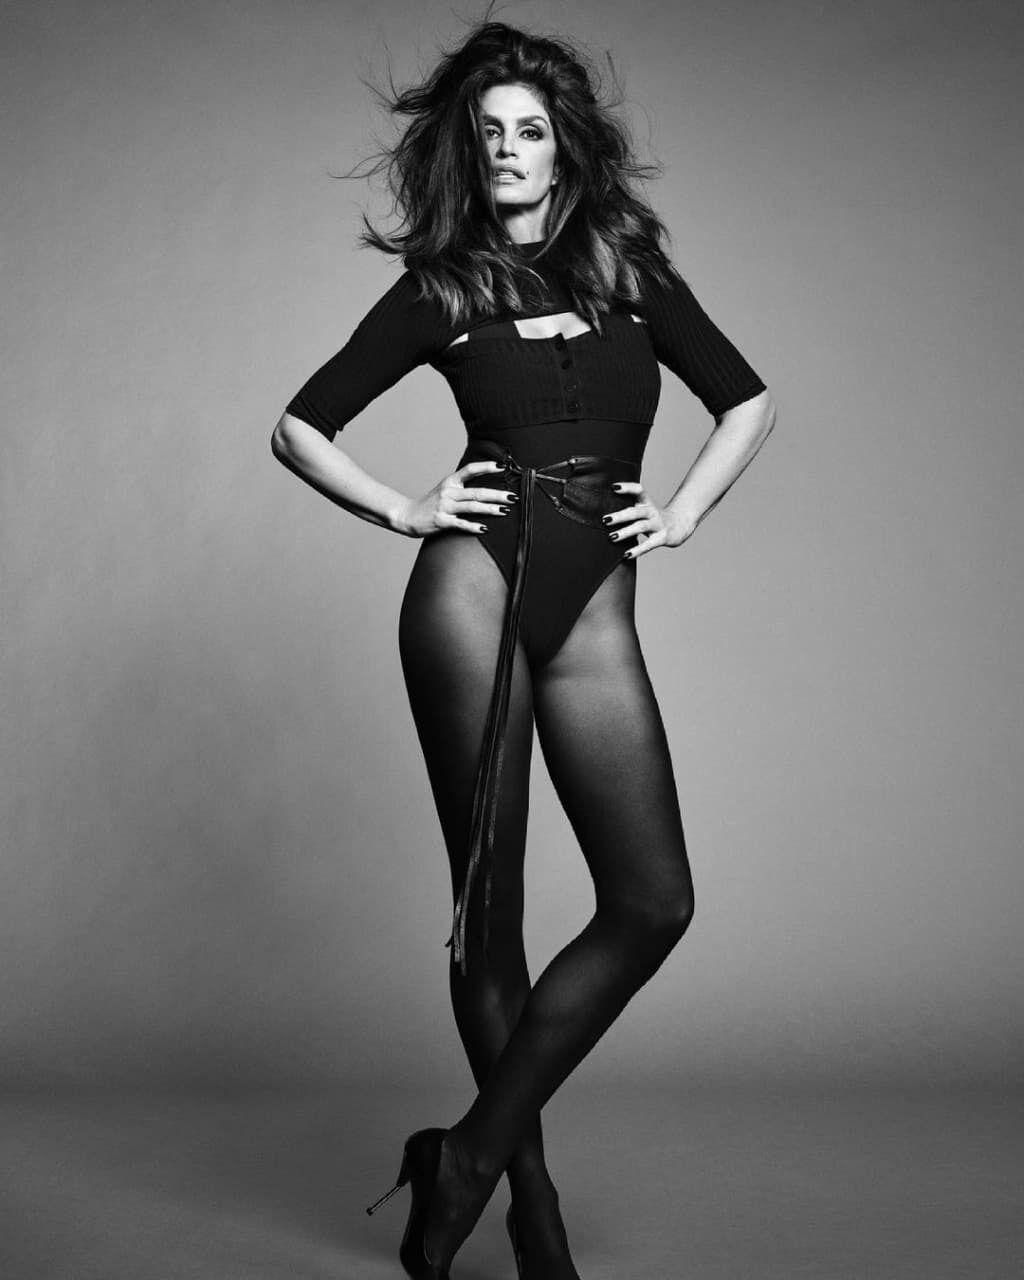 Синди Кроуфорд снялась в новой фотосессии.